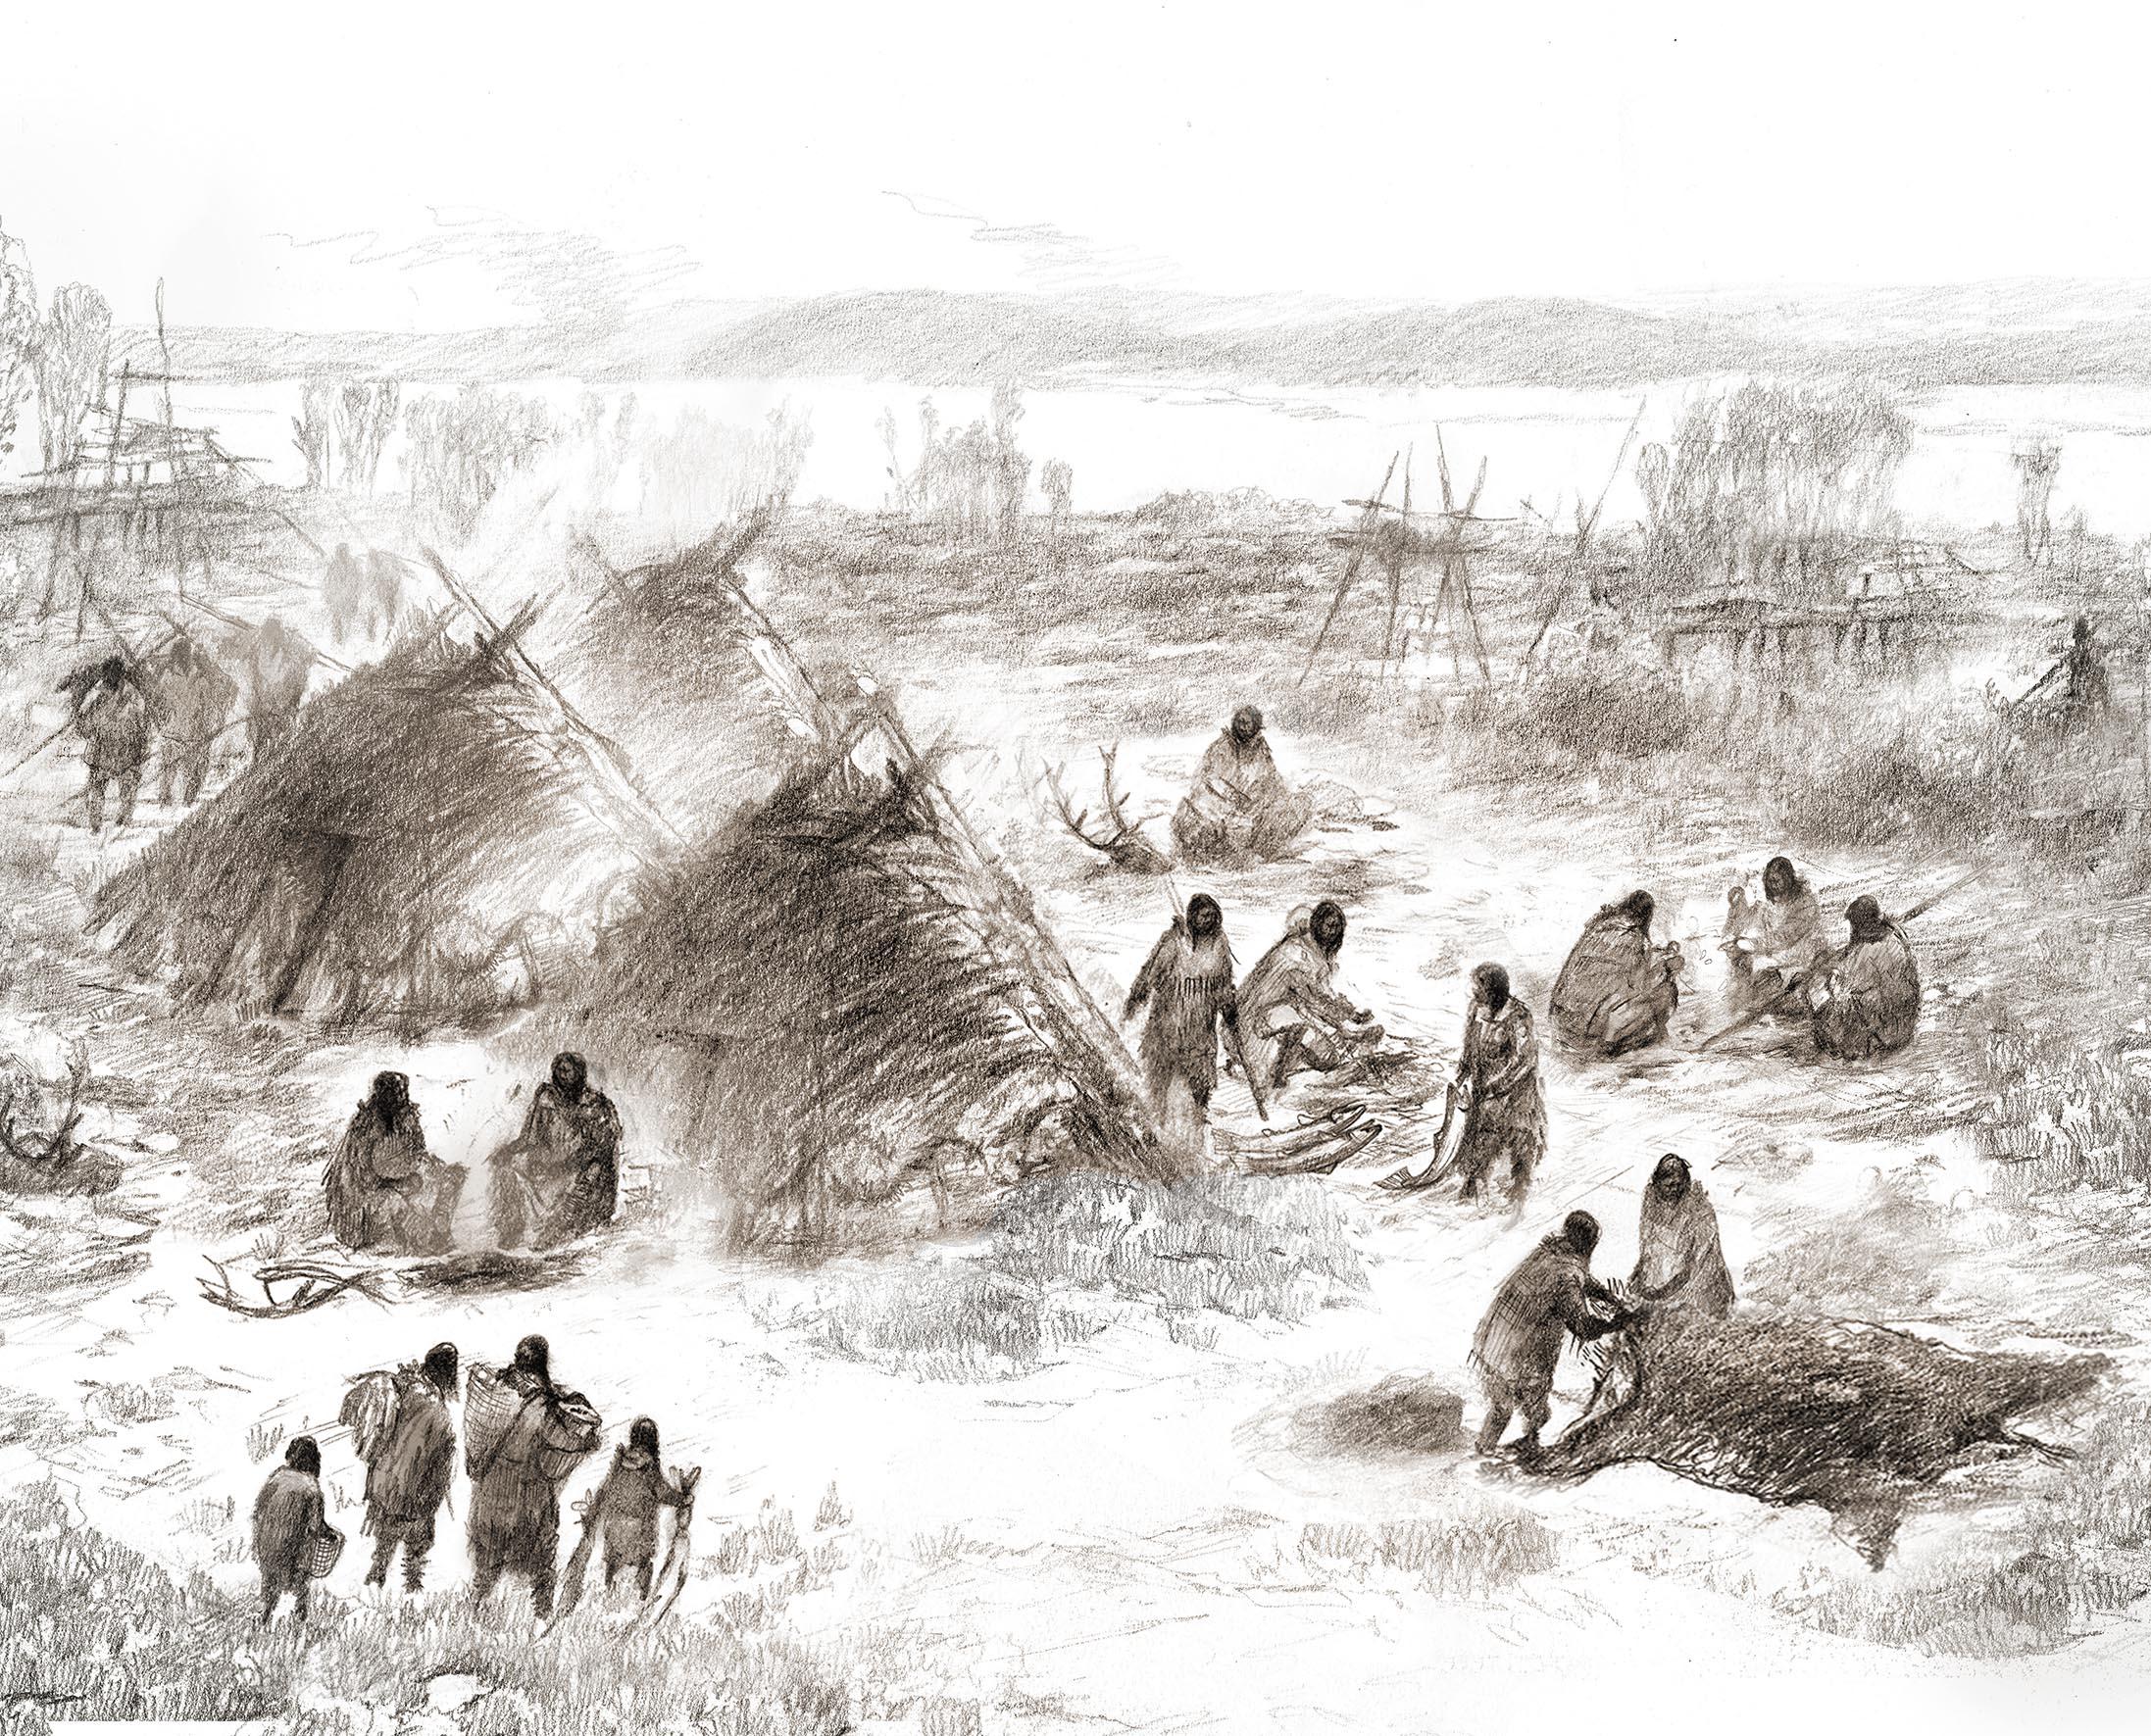 1만1500년 알래스카 지역 미국원주민의 생활 모습을 재현한 그림.